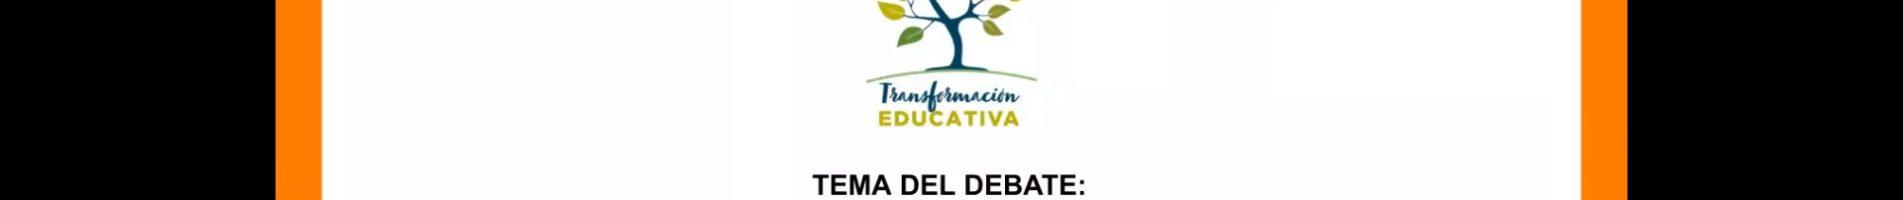 Mesas temáticas: ciudadanía sigue sumando propuestas para renovar la educación paraguaya